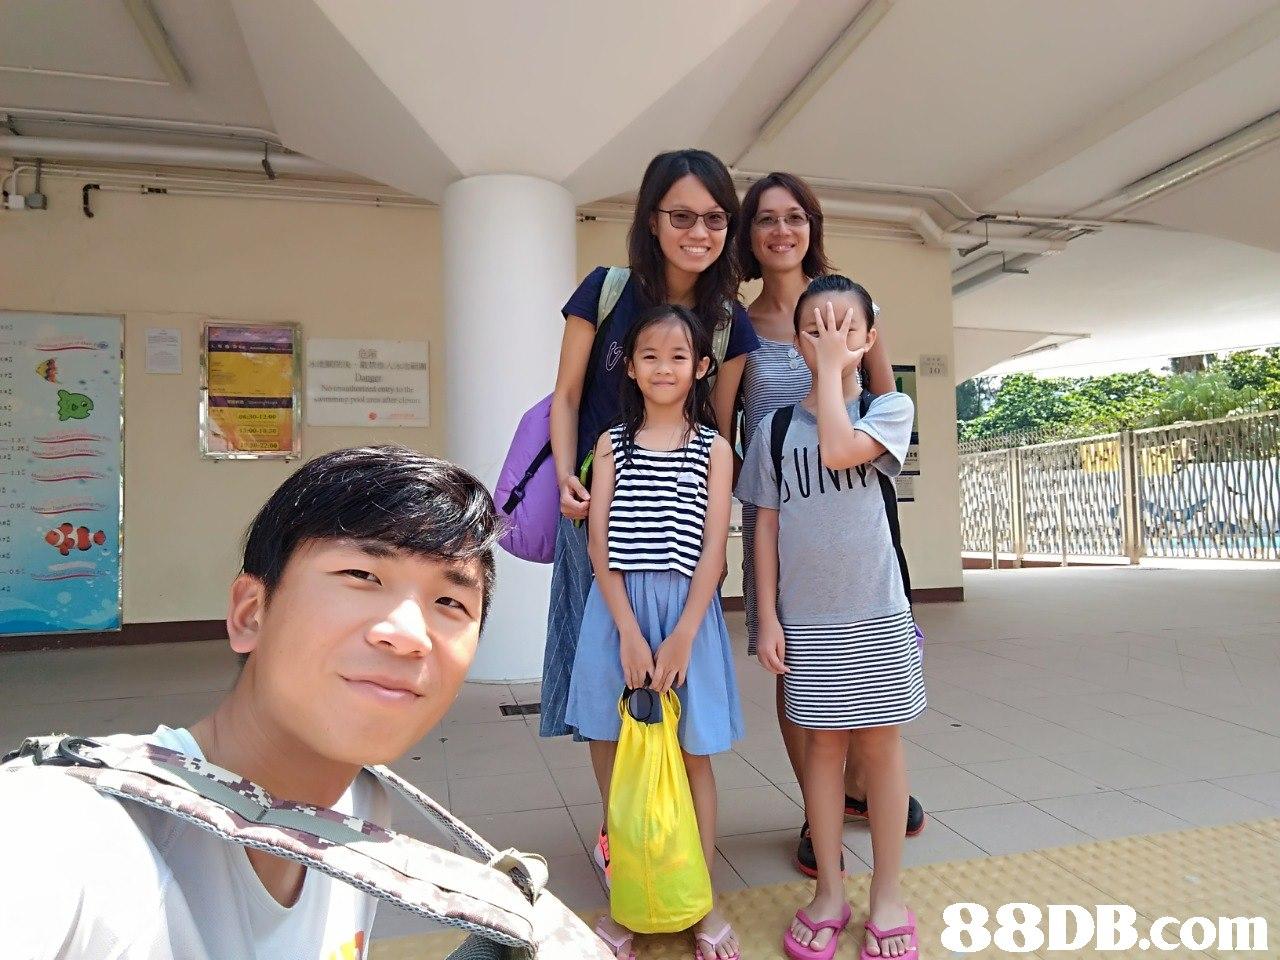 112 o.9:   Friendship,Smile,Fun,Happy,Tourism